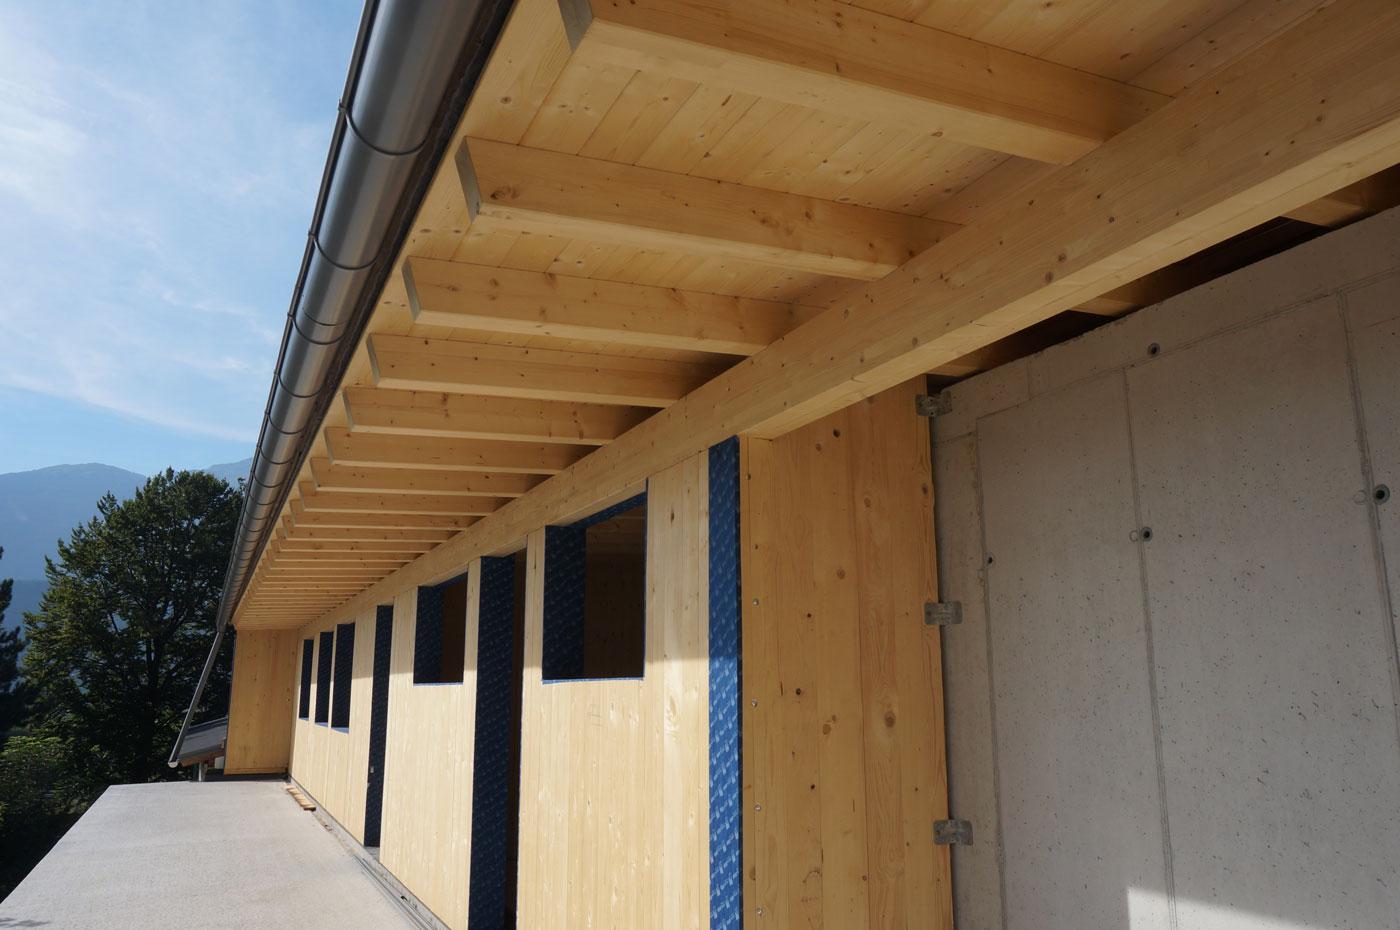 4-Holzbau-Reihenhaus-zimmerei-Norz-thaur-05-2018.jpg